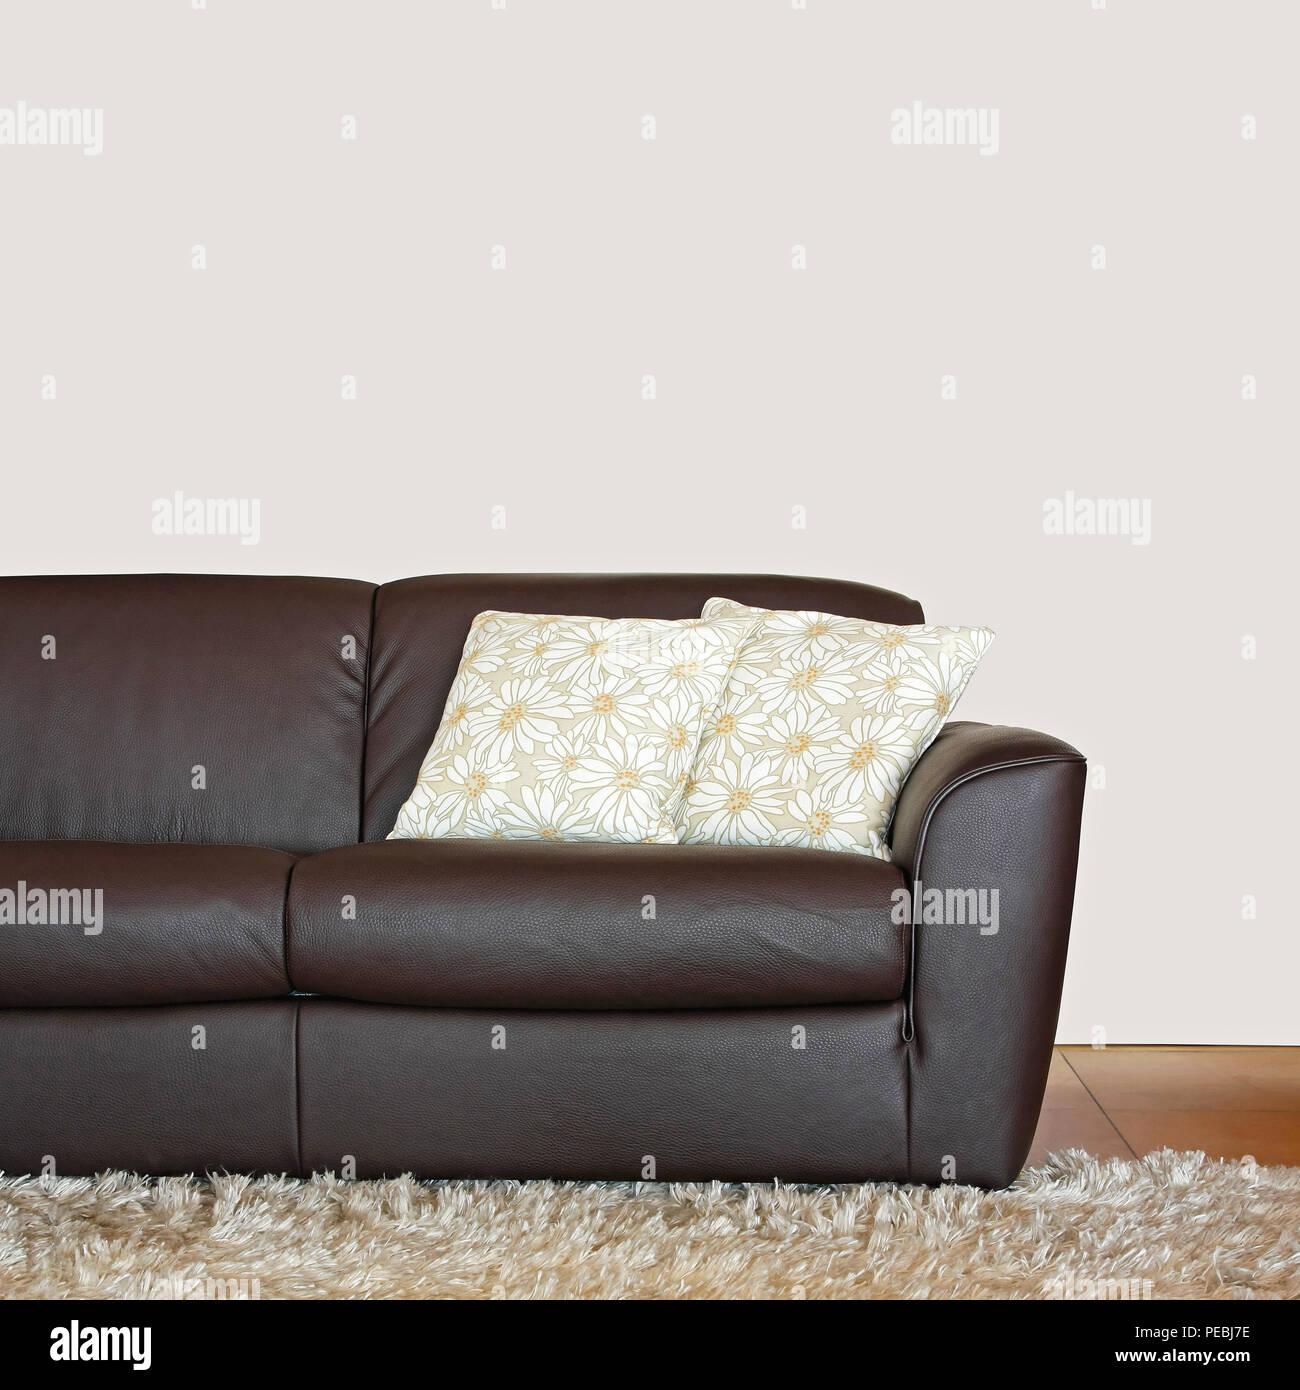 Cuscini Su Divano Marrone divani in pelle marrone con cuscini foto stock - alamy